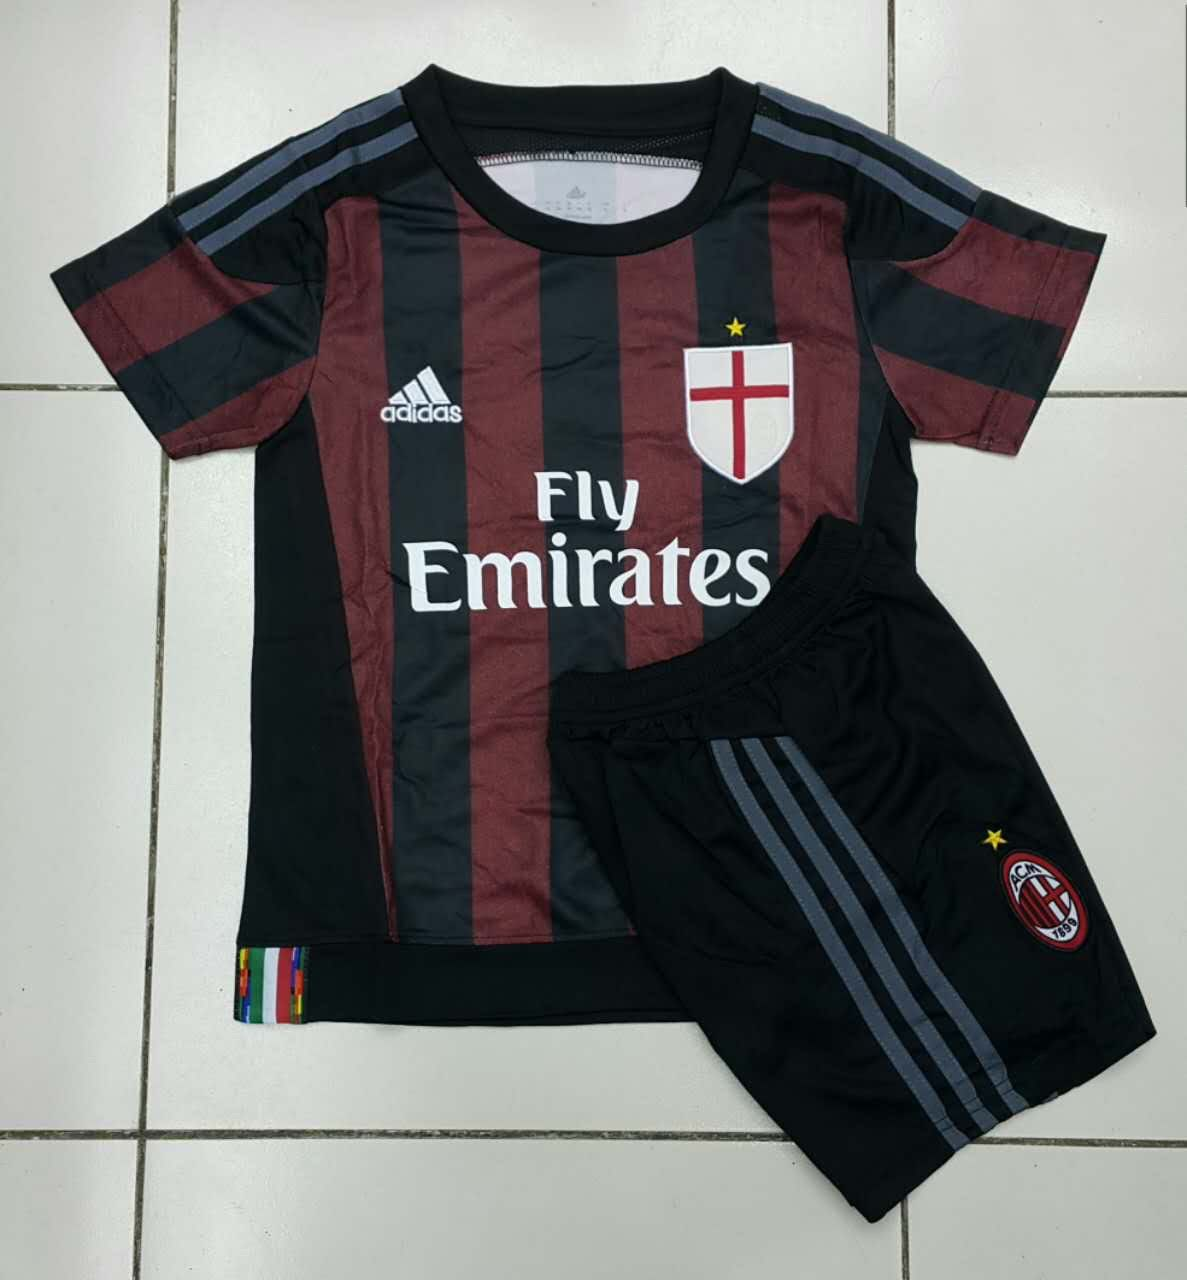 Jual Jersey (Anak) Kids AC Milan Home Musim 2015/2016 Terbaru Murah -